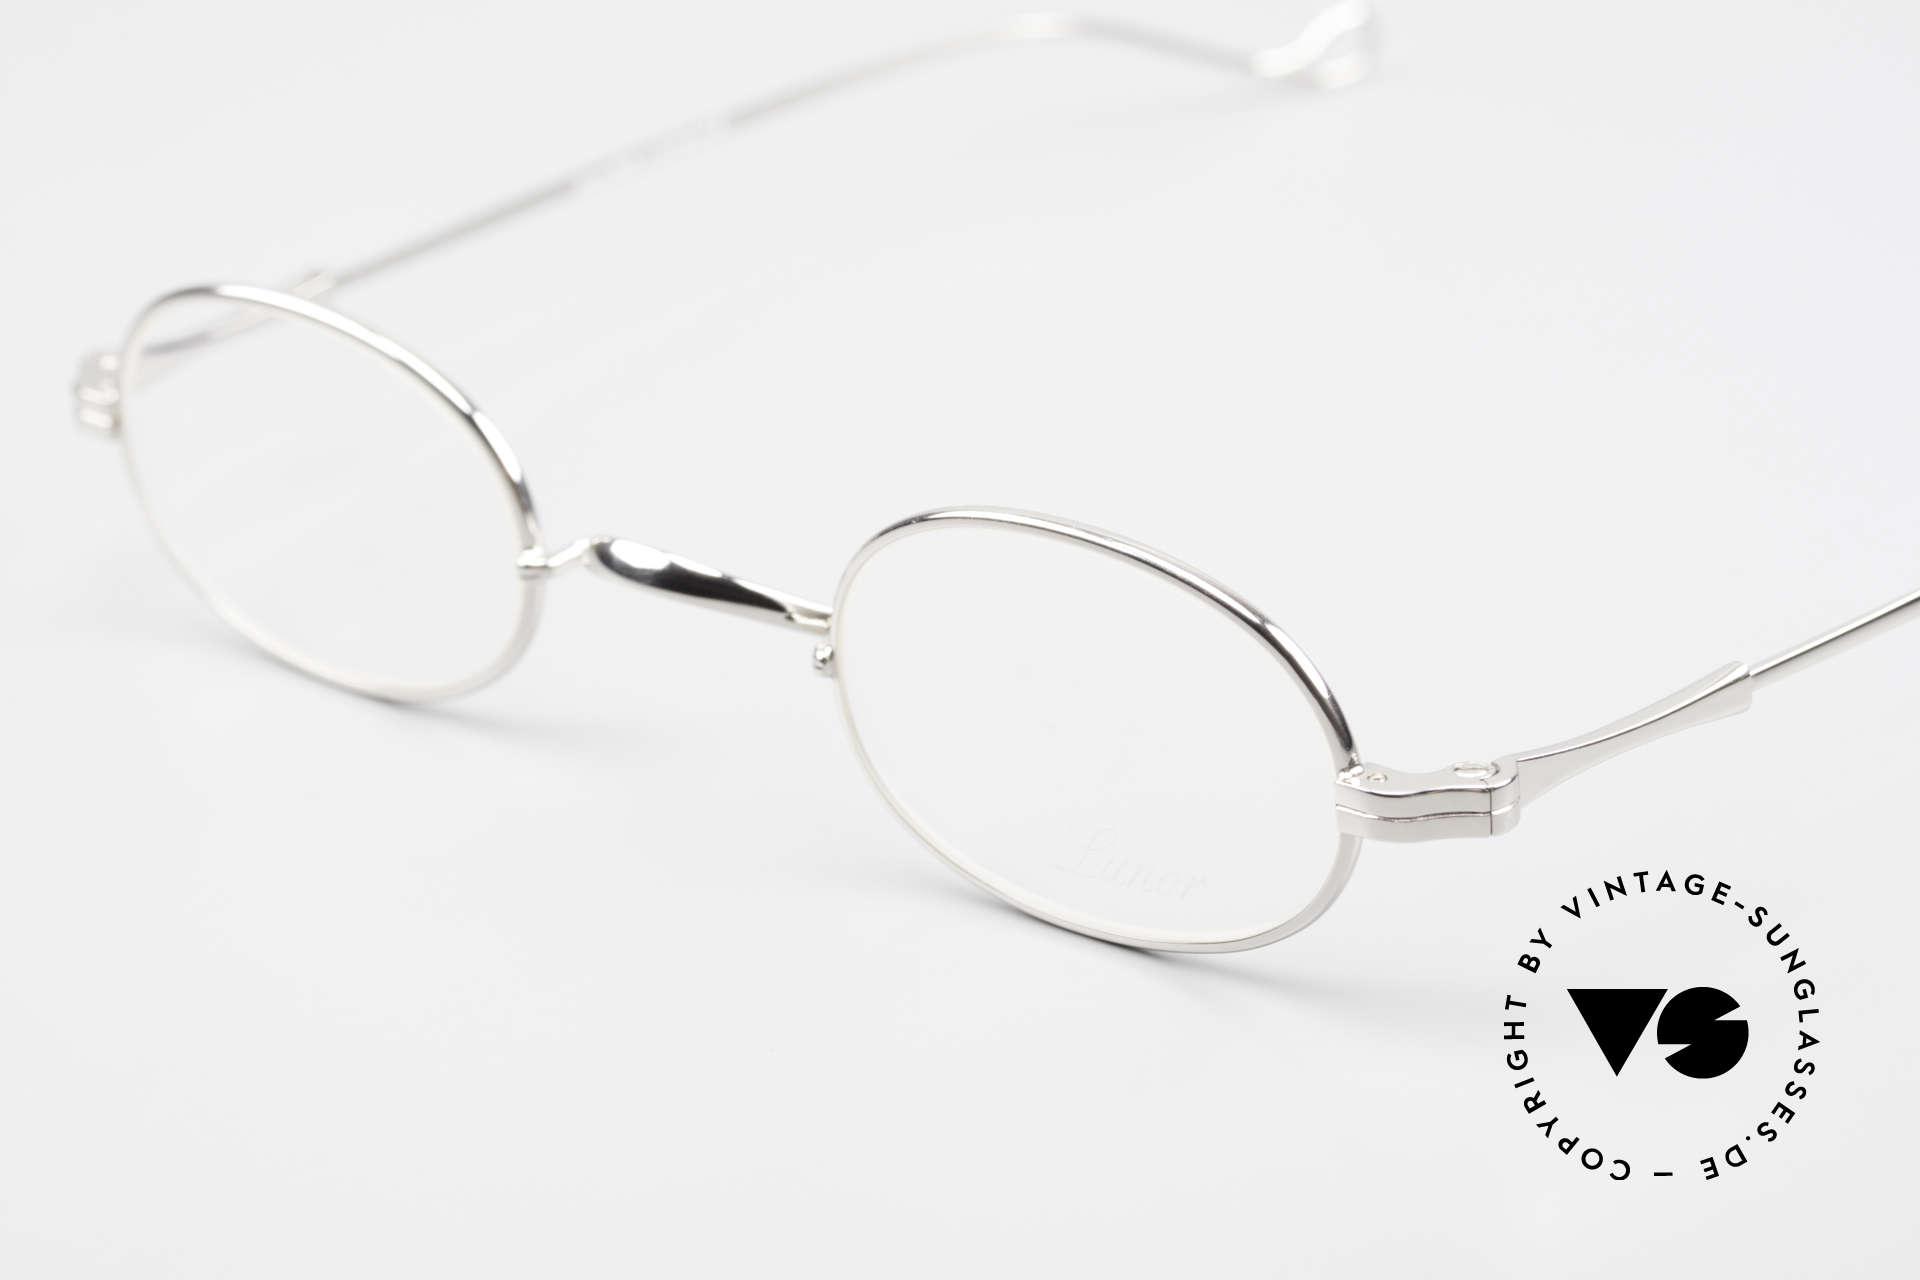 Lunor II 08 Kleine Ovale Lunor Brille, bekannt für den W-Steg und die schlichten Formen, Passend für Herren und Damen